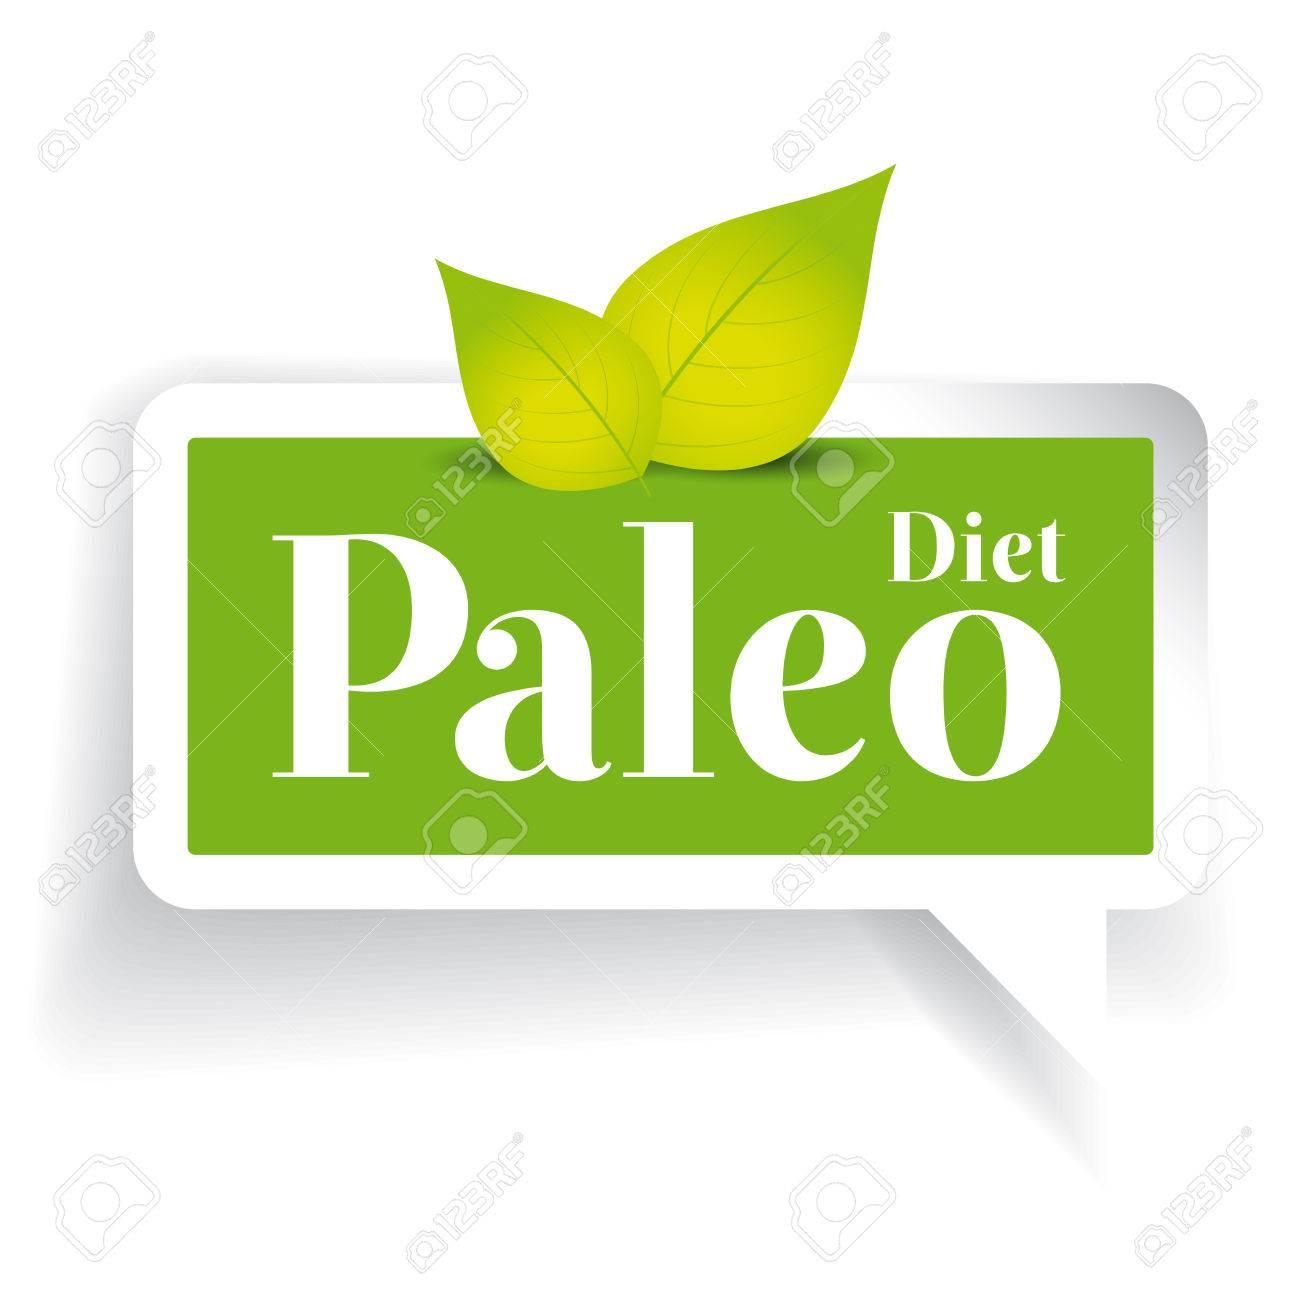 Paleo diet label vector - 49497936